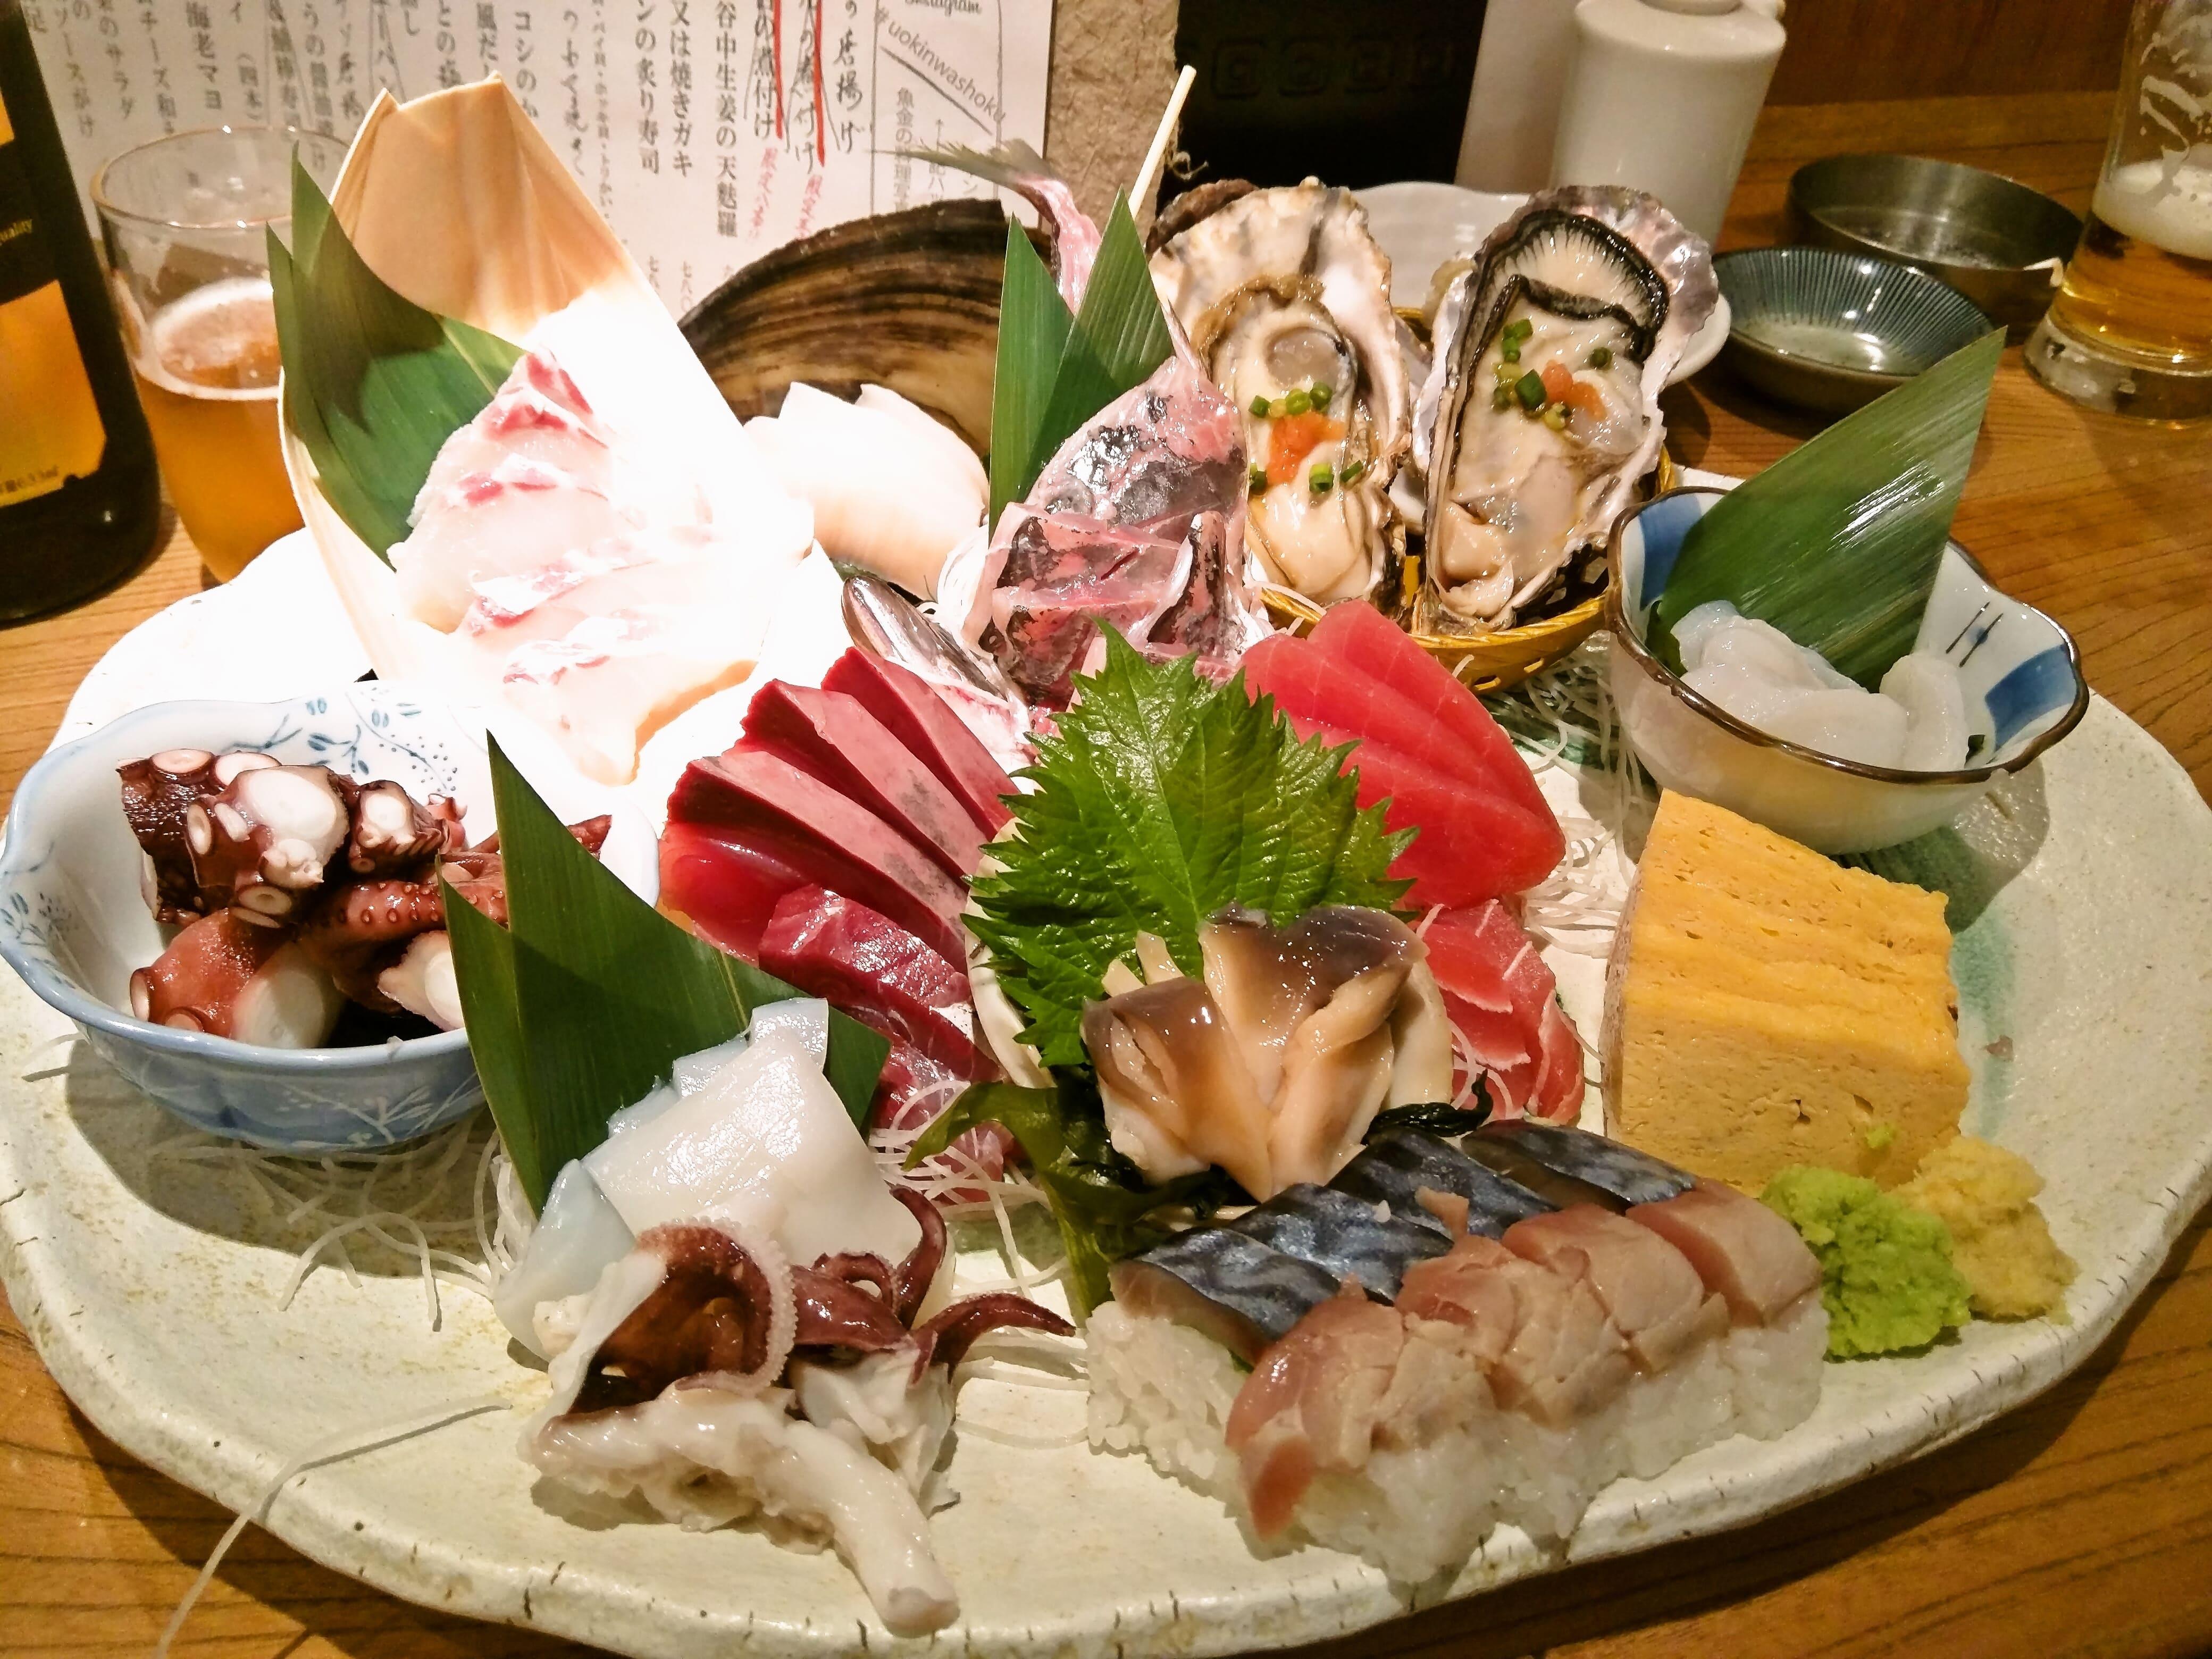 安くてボリュームのある大人気の海鮮居酒屋 ~ 新橋 魚金 本店